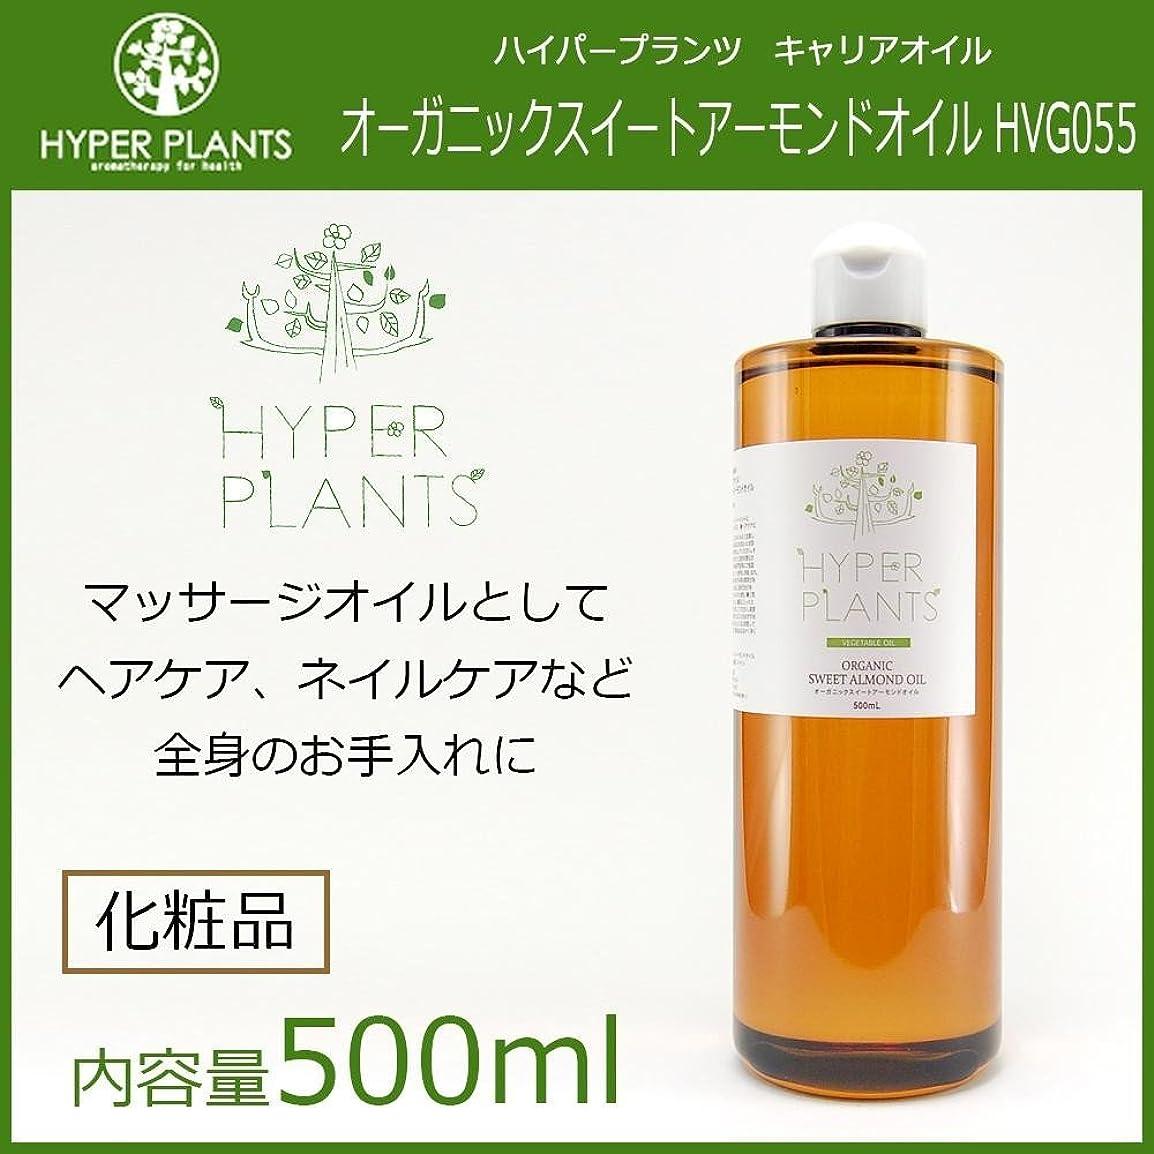 束ねるドラマ車HYPER PLANTS ハイパープランツ キャリアオイル オーガニックスイートアーモンドオイル 500ml HVG055